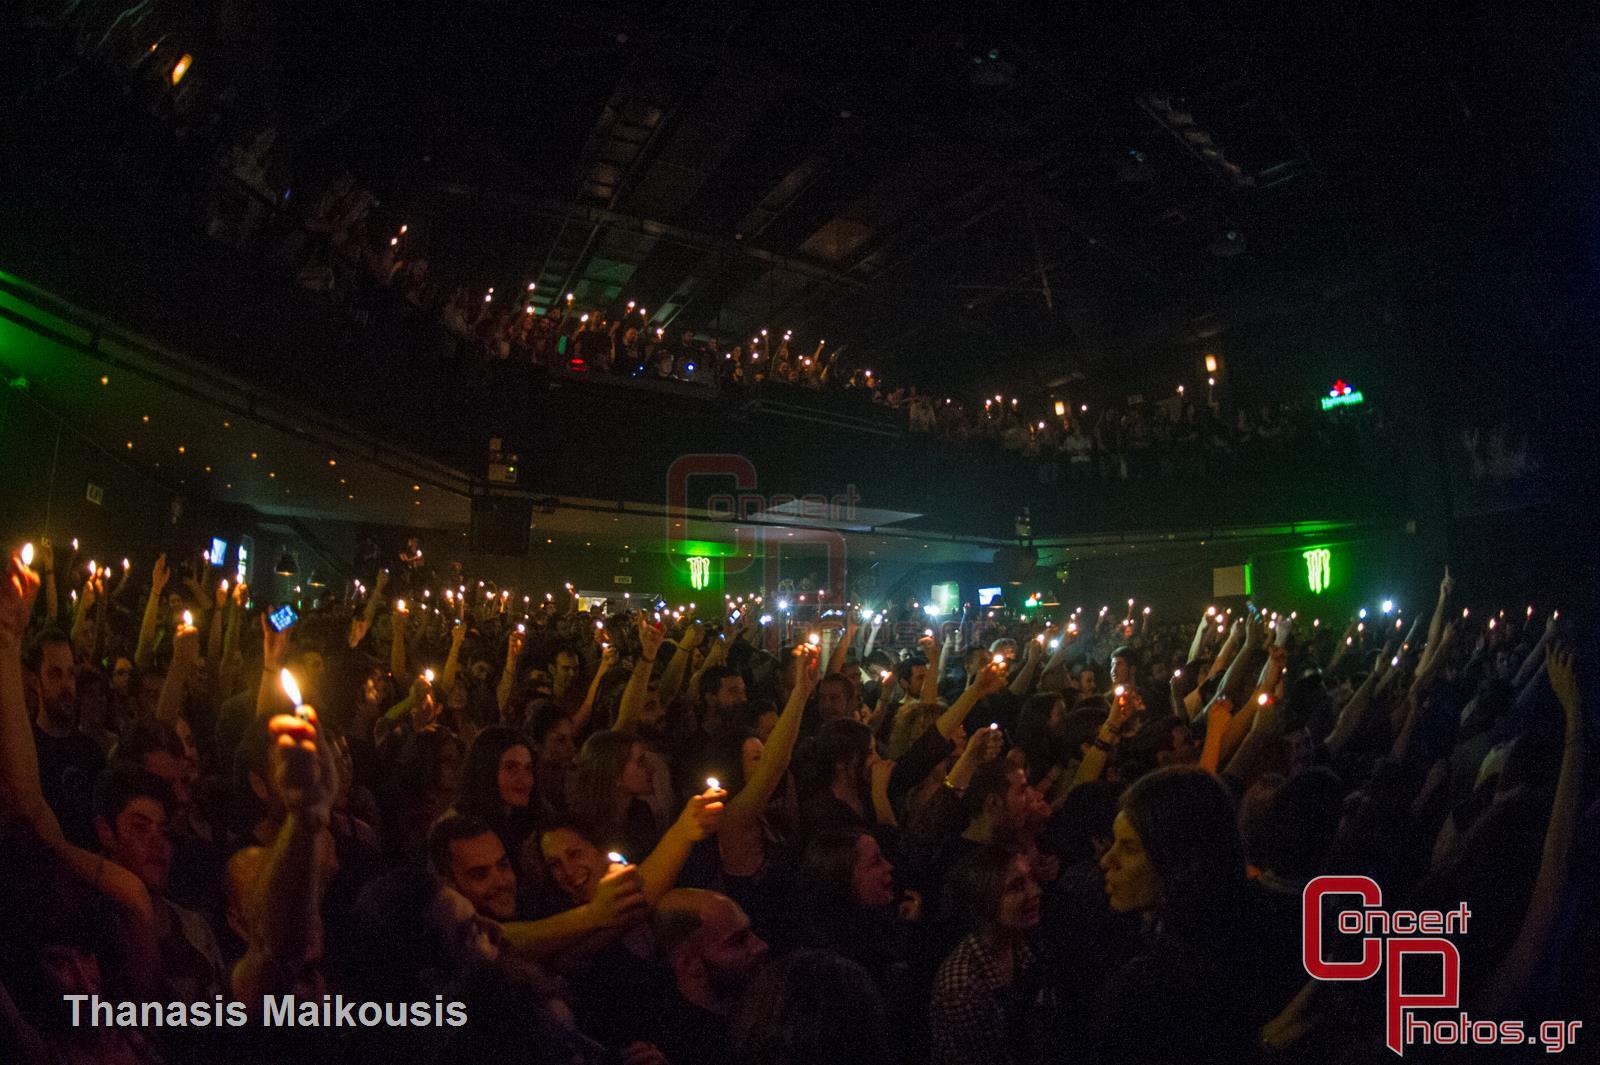 Dub Inc-Dub Inc photographer: Thanasis Maikousis - concertphotos_-5796